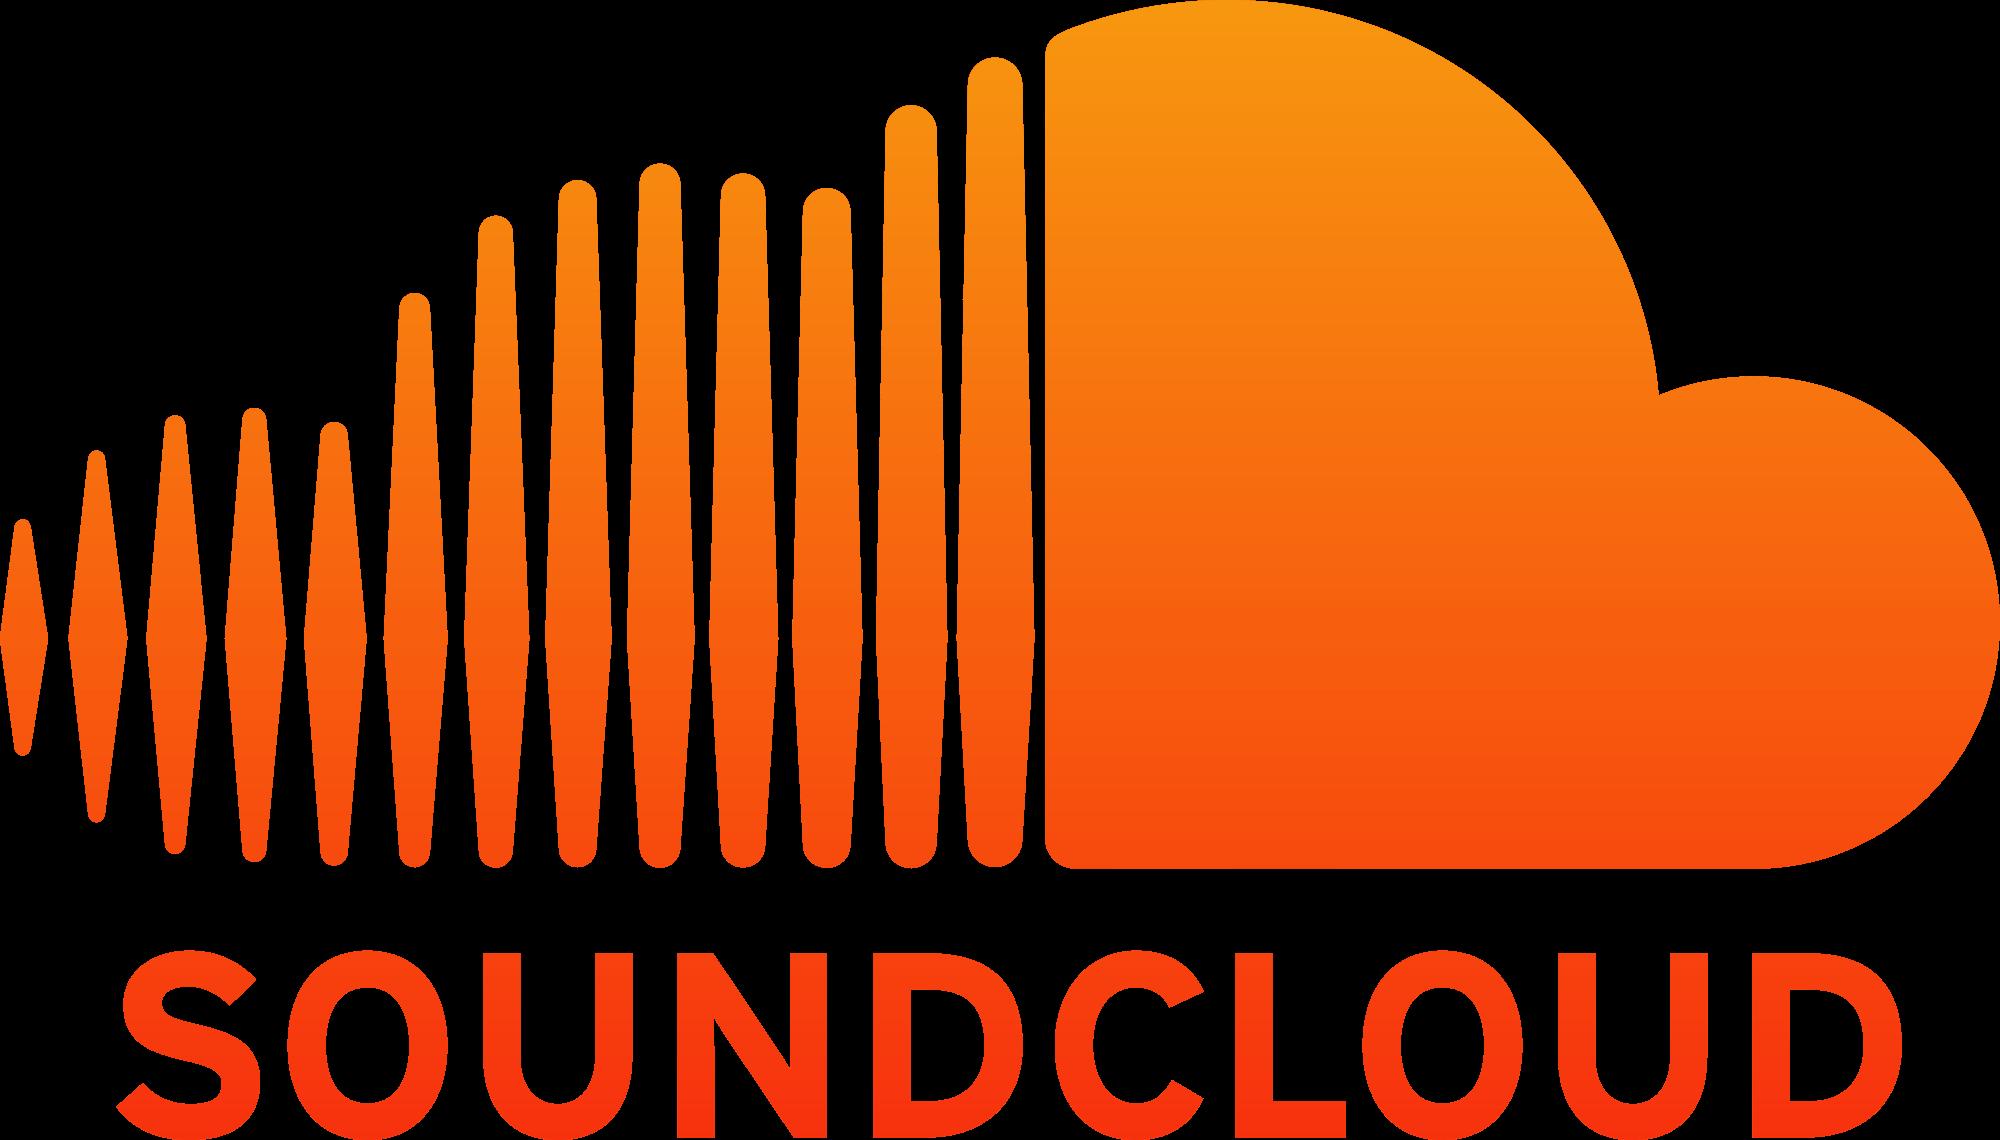 soundcloud-Steelasophical-steelband